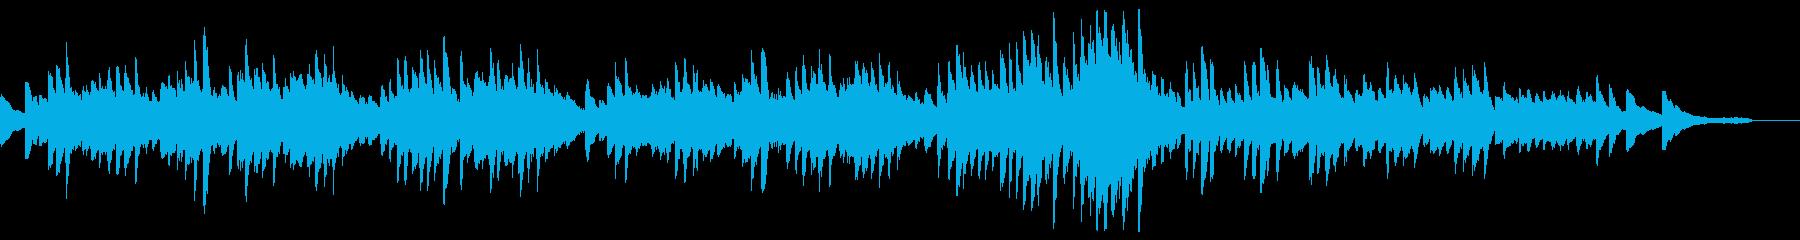 ショパン「別れの曲」原曲ピアノ・有名部分の再生済みの波形